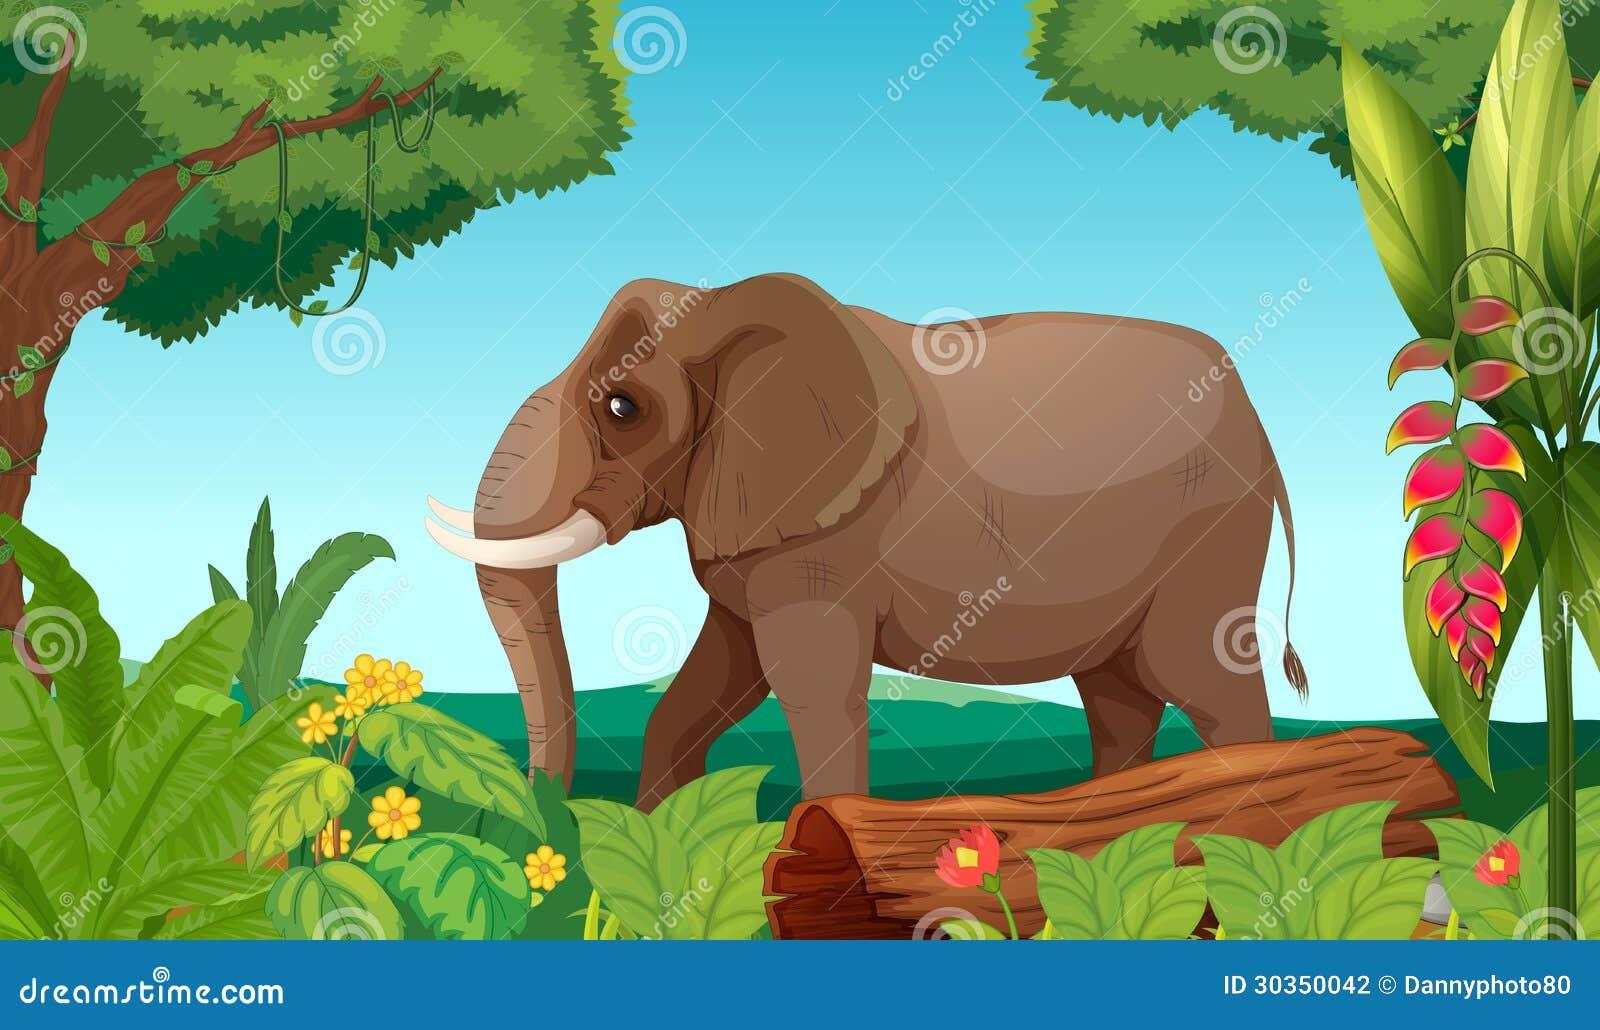 Duży słoń w dżungli